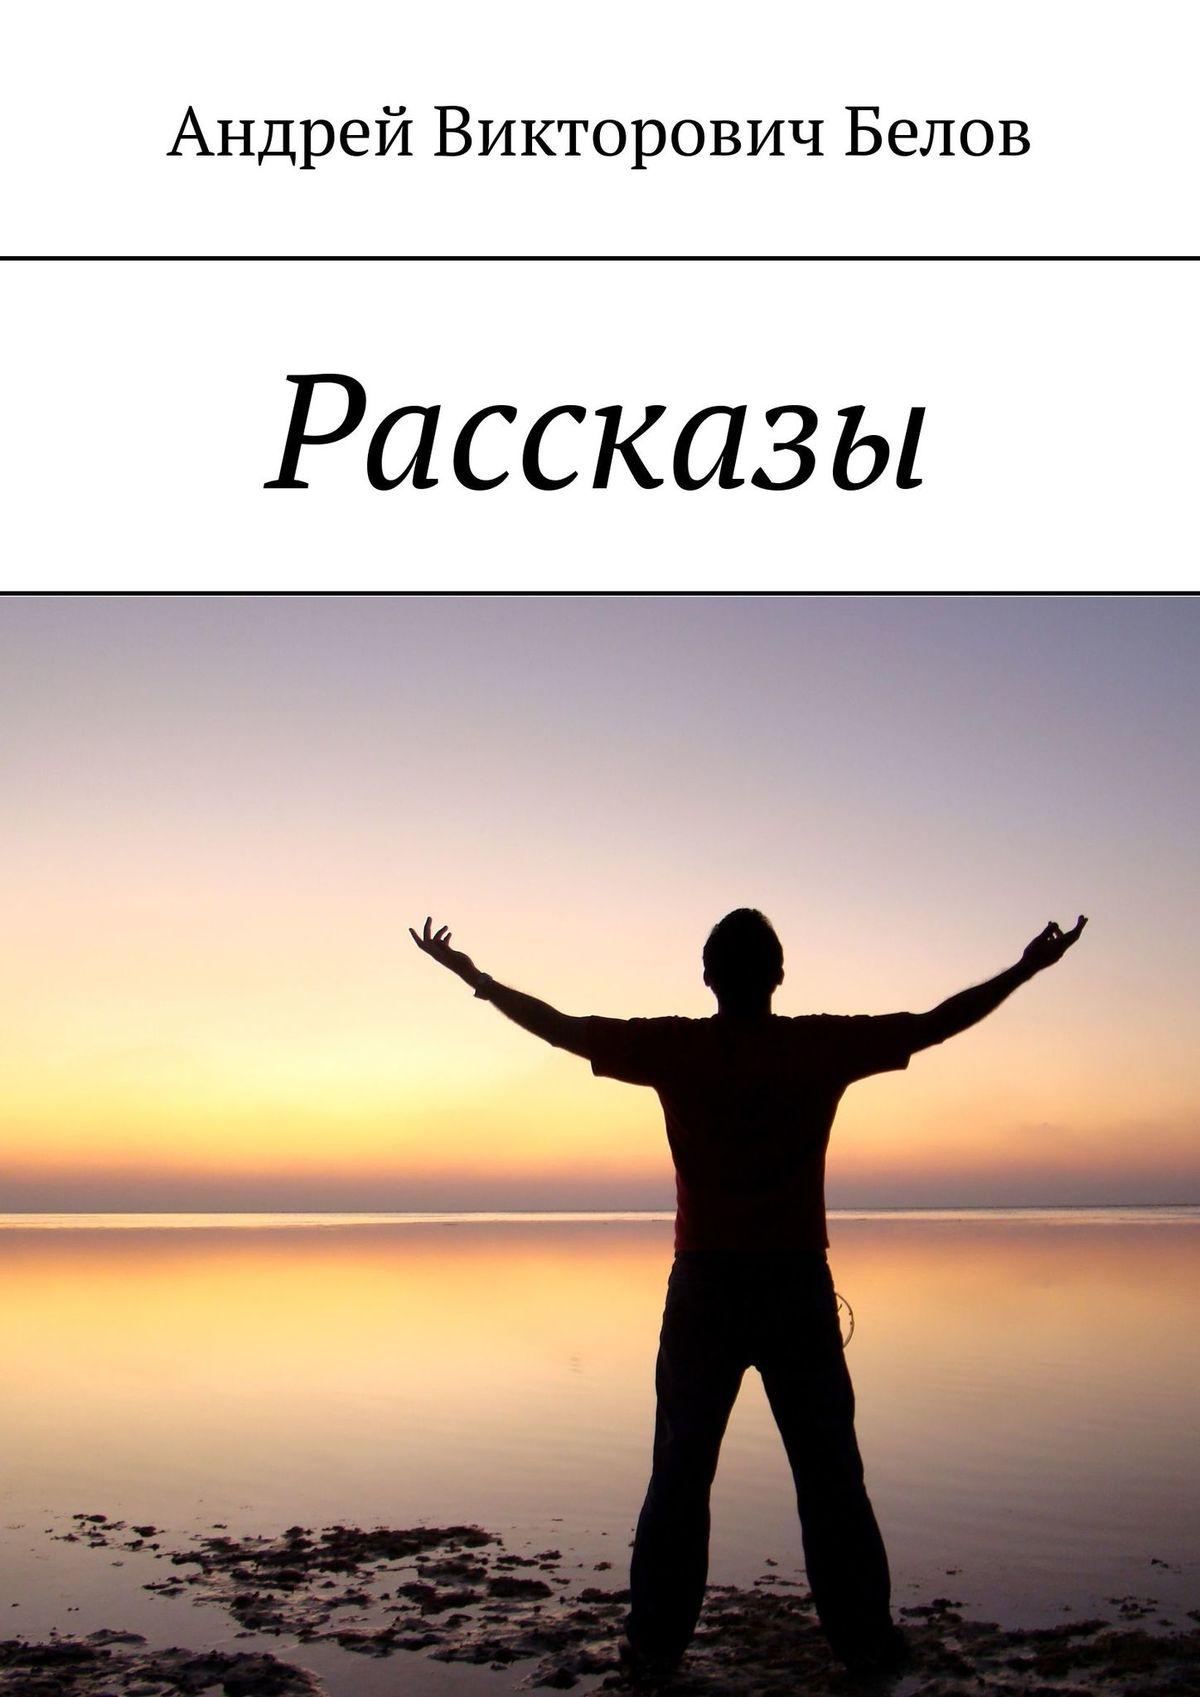 Андрей Викторович Белов Рассказы андрей викторович белов иуда